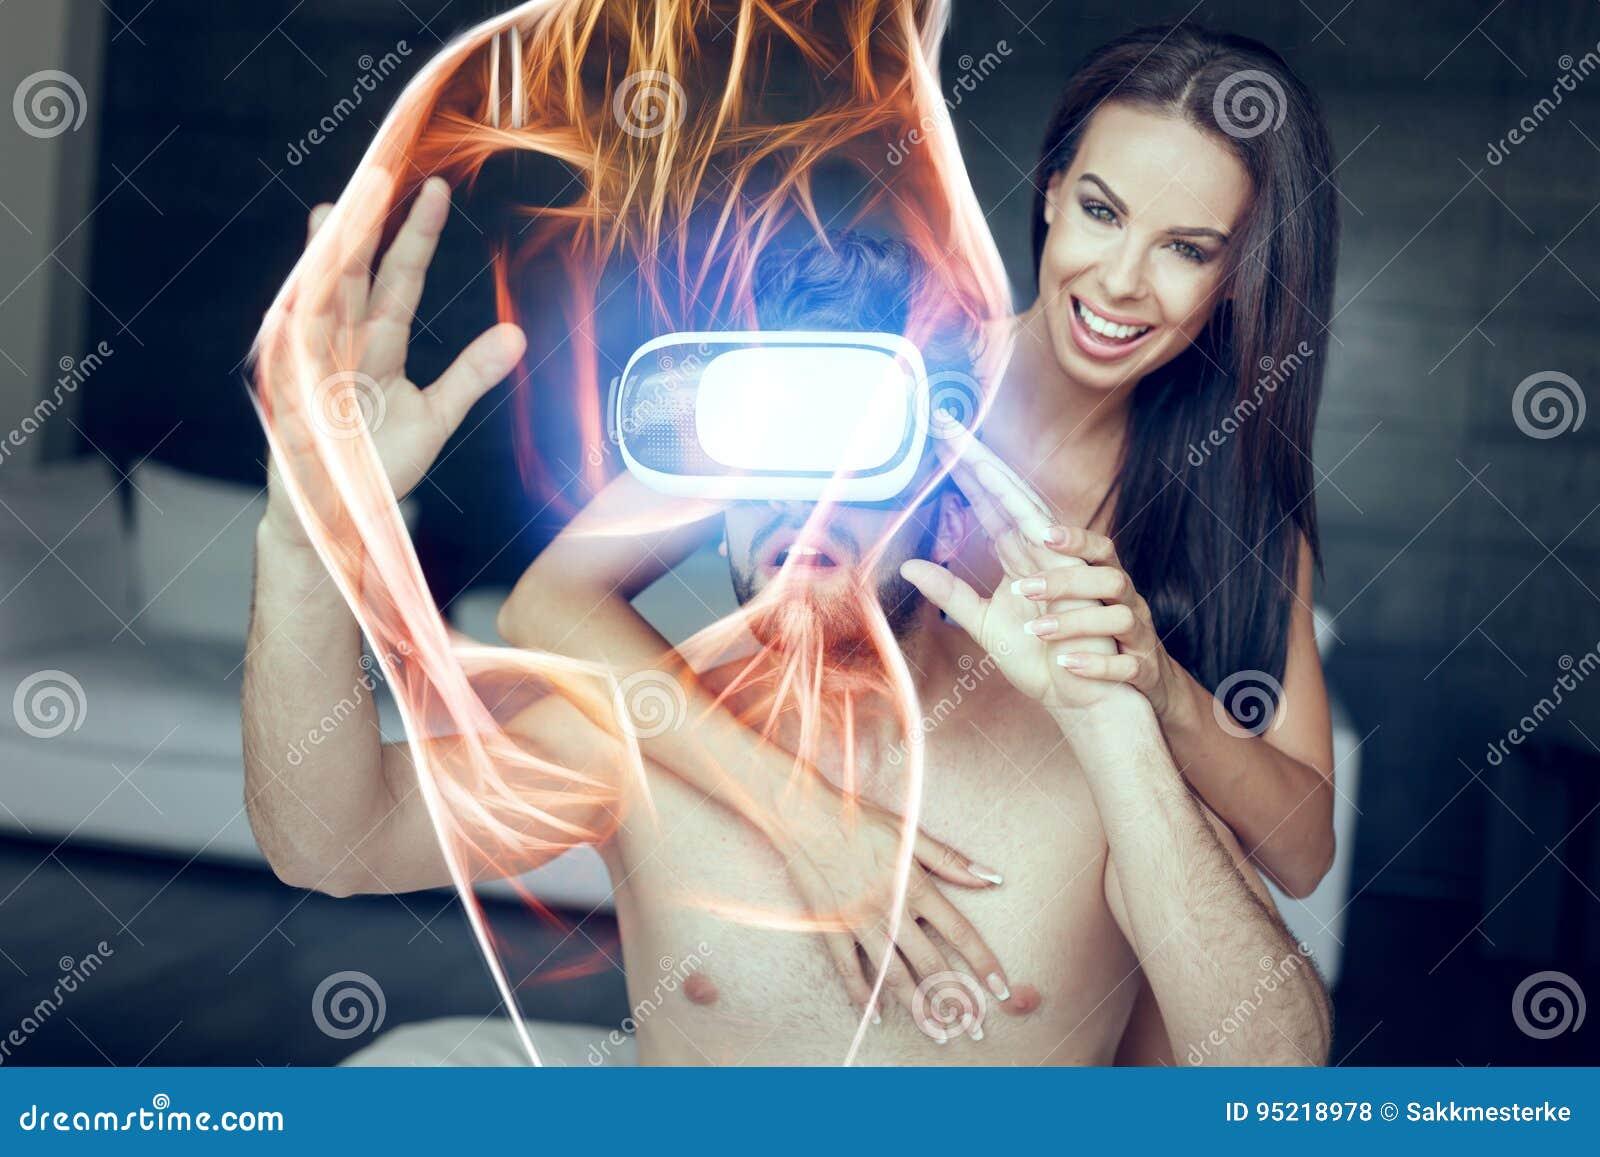 Milf HD πορνό ταινίες